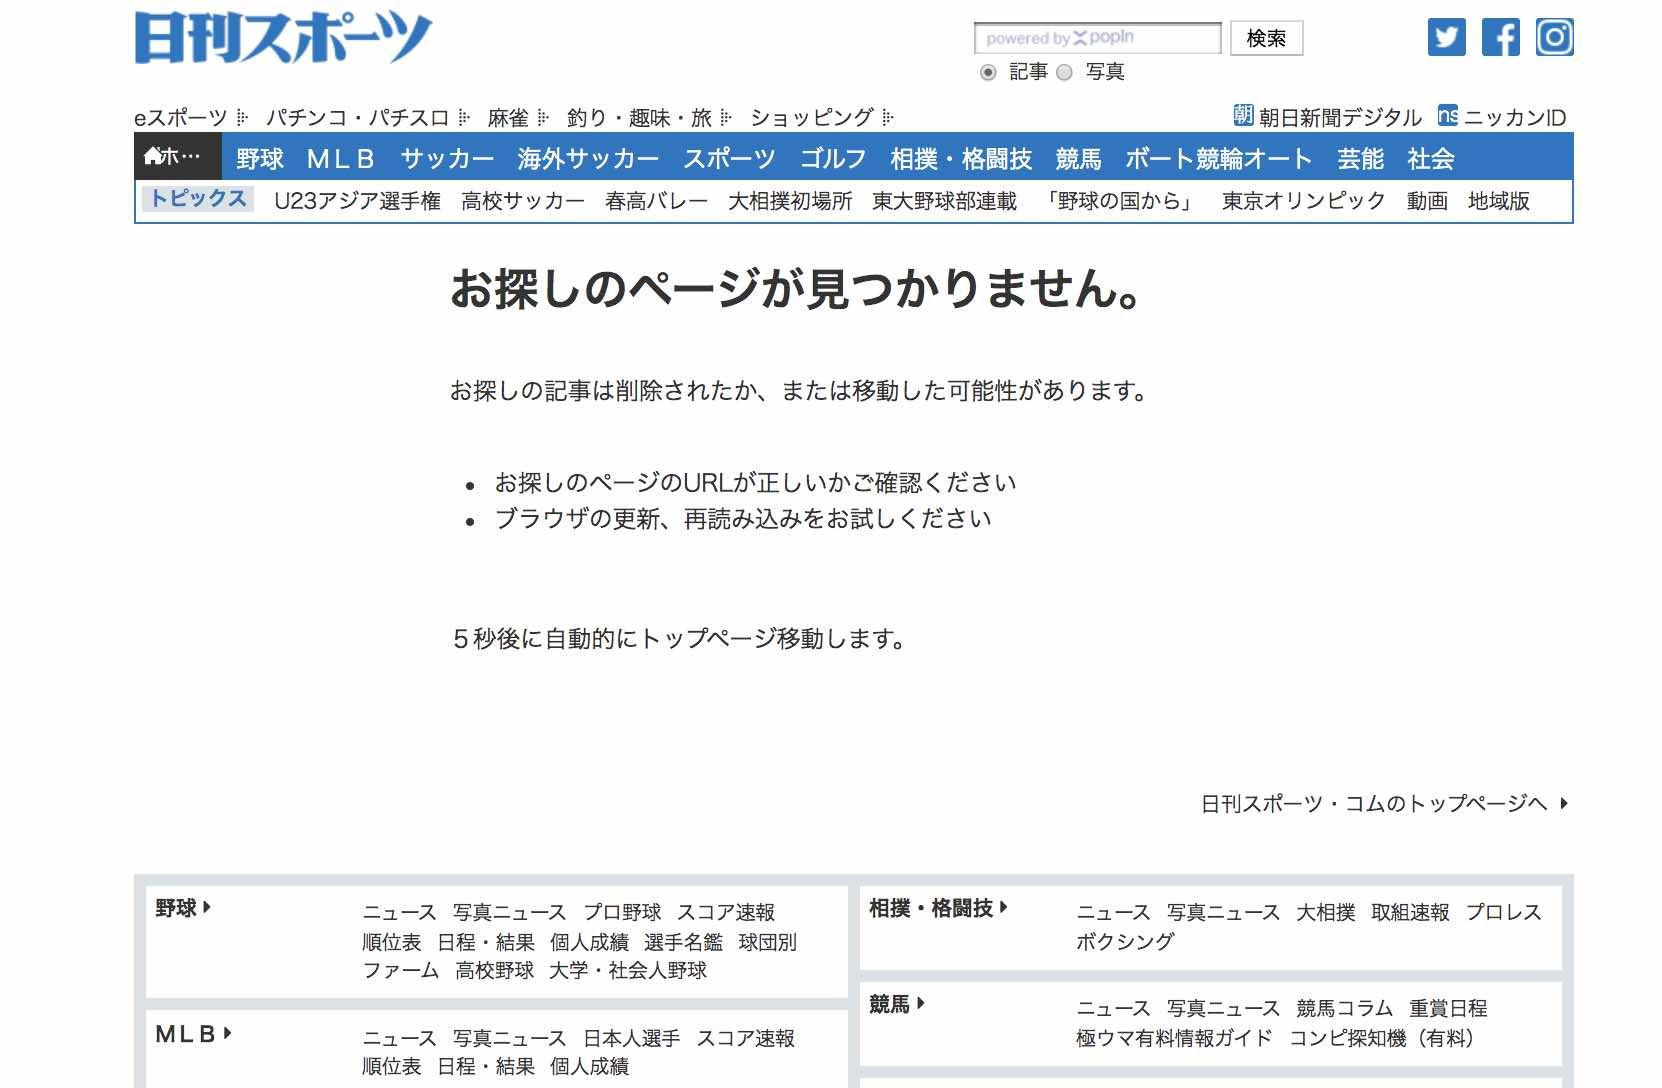 元競艇選手の西川昌希が、競艇八百長で逮捕の記事が消えた